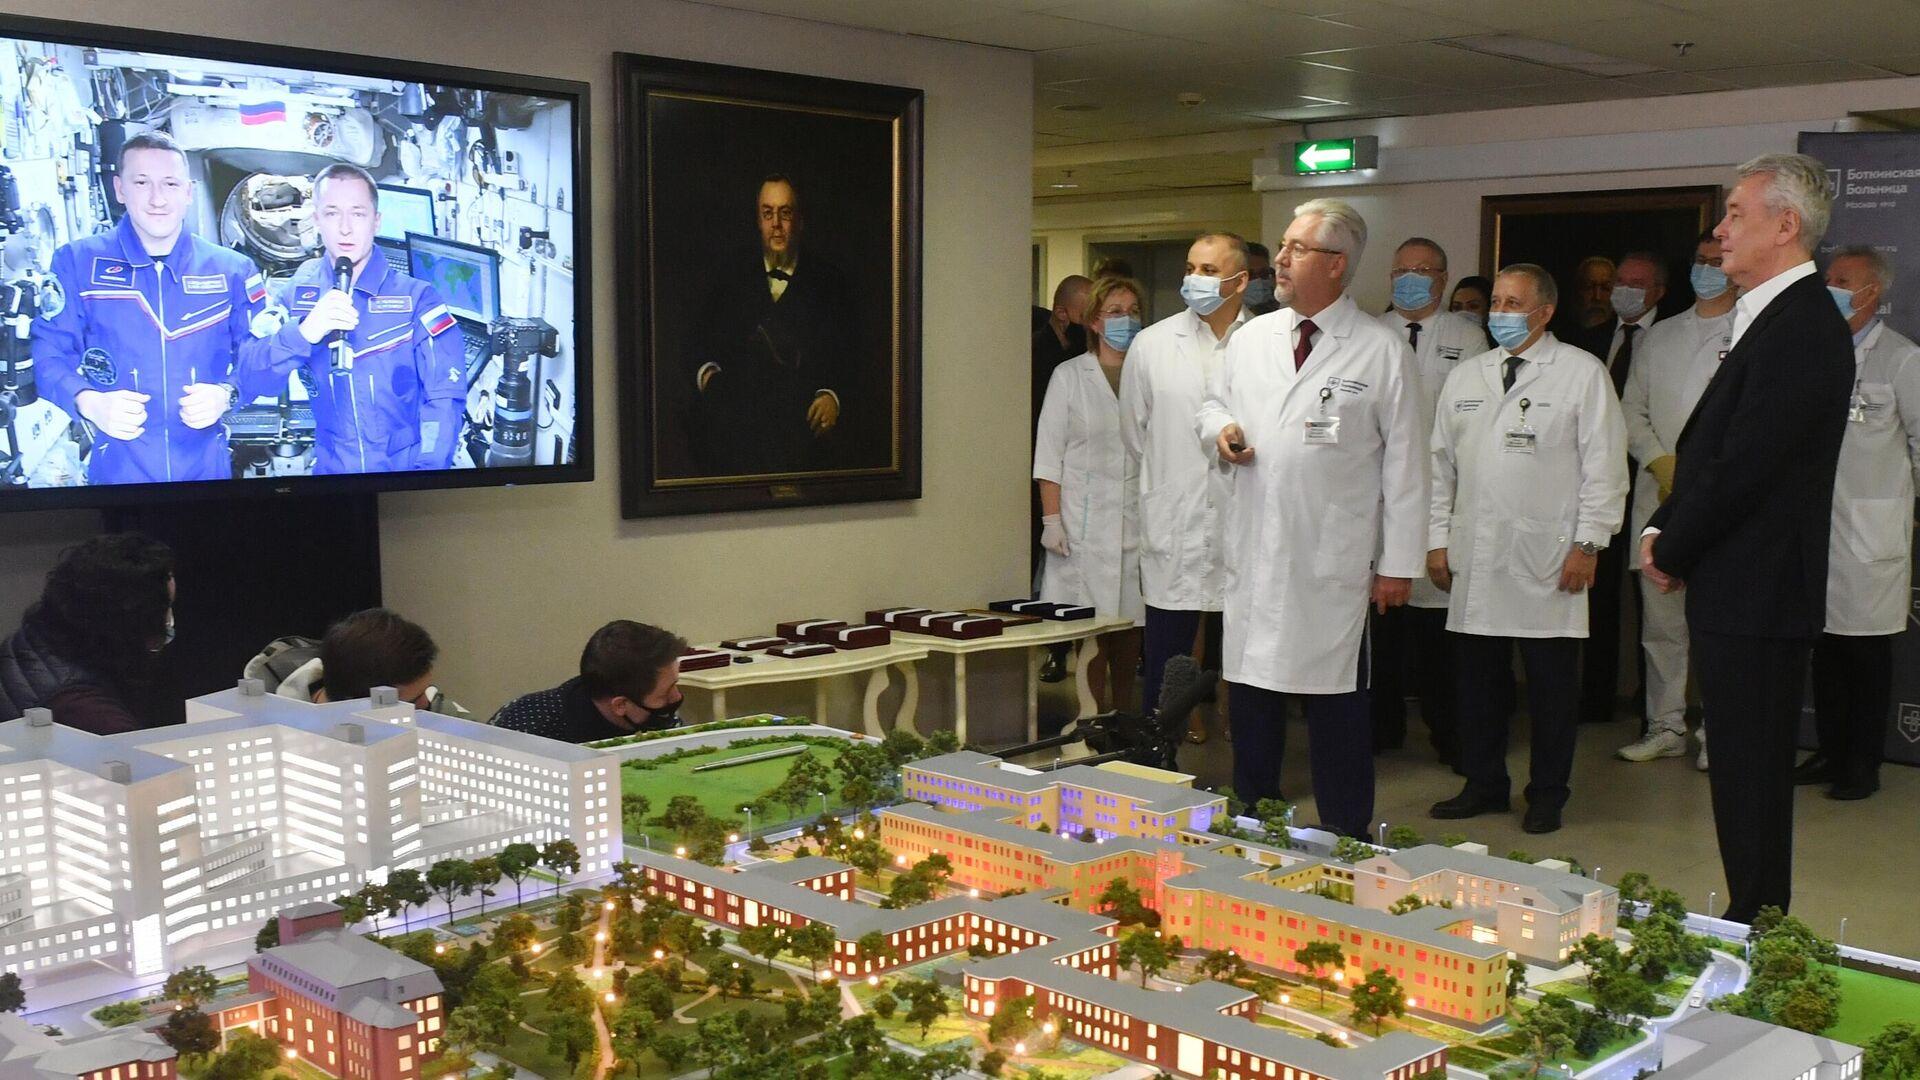 Мэр Москвы С. Собянин посетил Боткинскую больницу  - РИА Новости, 1920, 23.12.2020